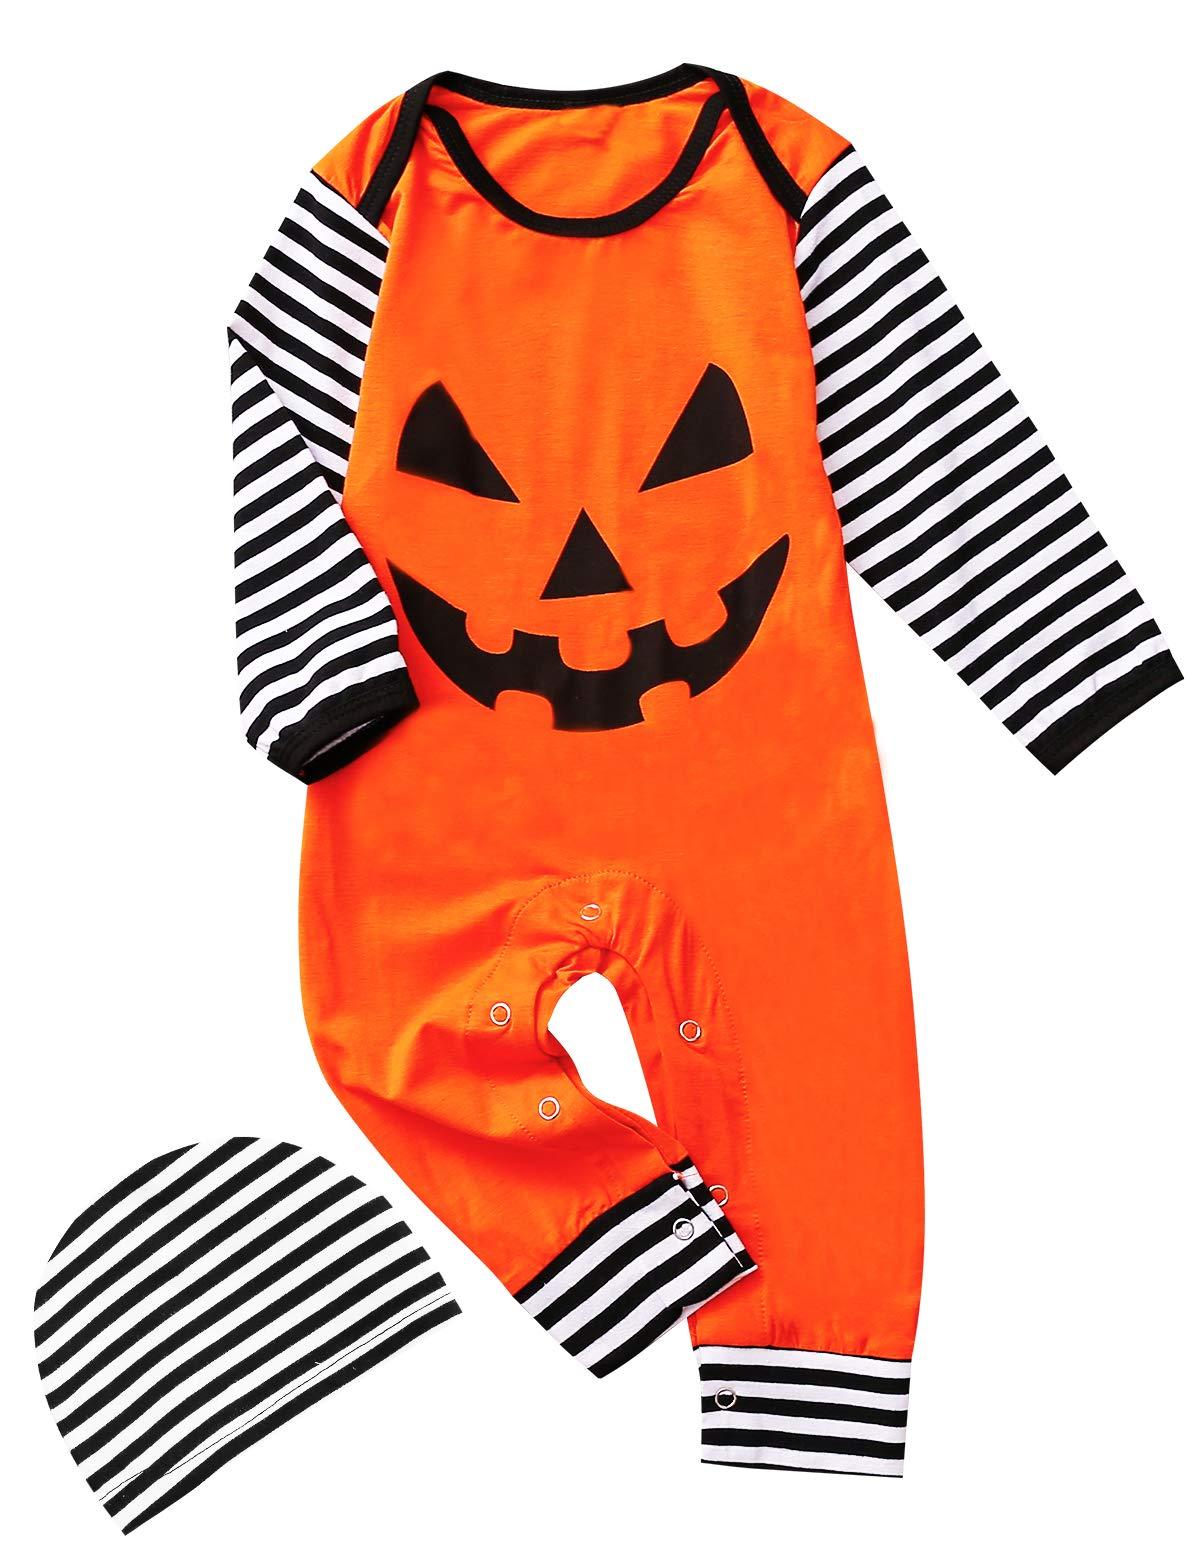 COSLAND Baby Boys Pumpkin Halloween Costume Hooded Romper